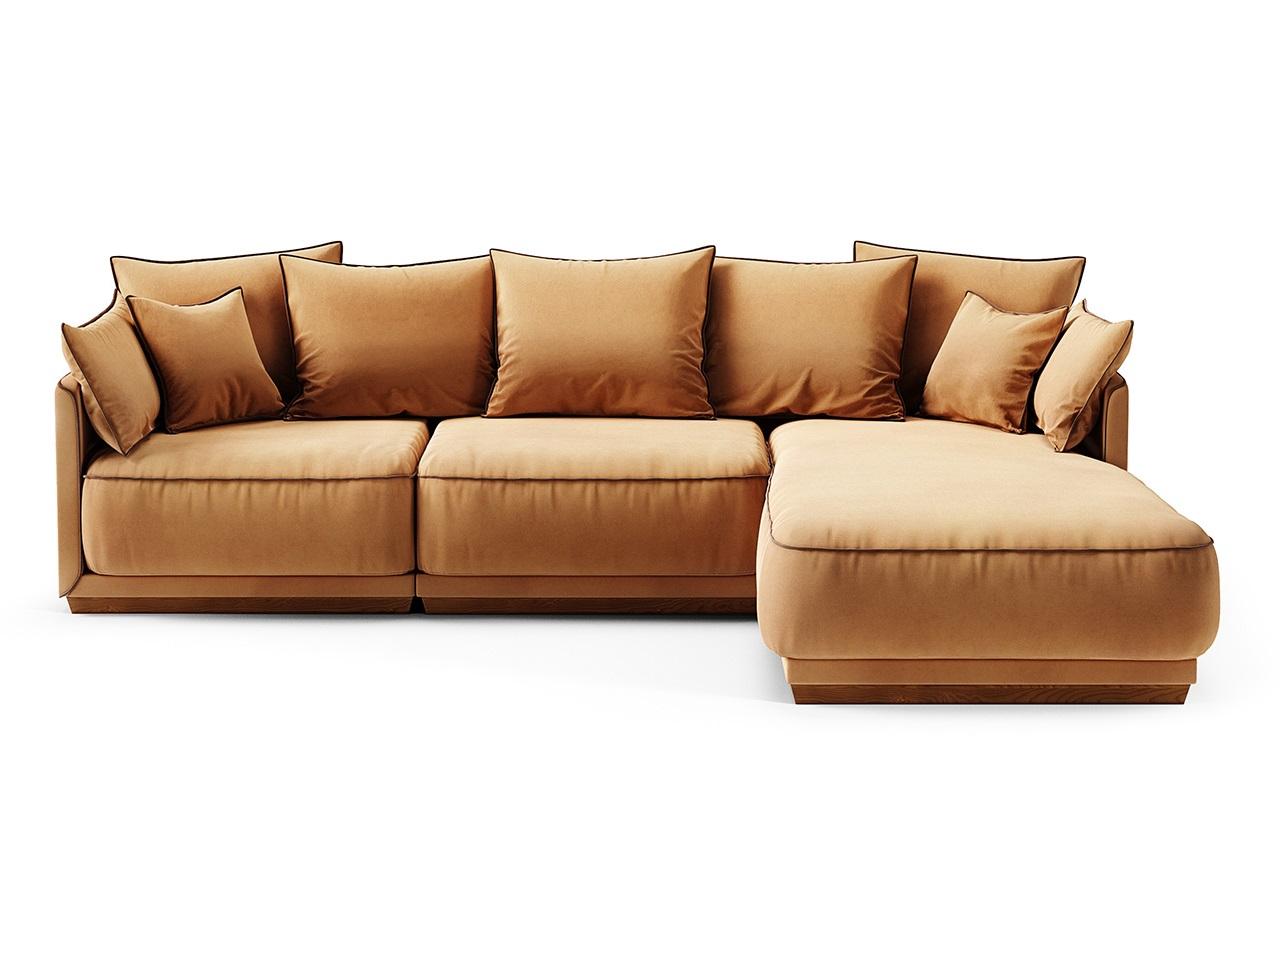 Диван soho (the idea) коричневый 282x92x195 см. фото